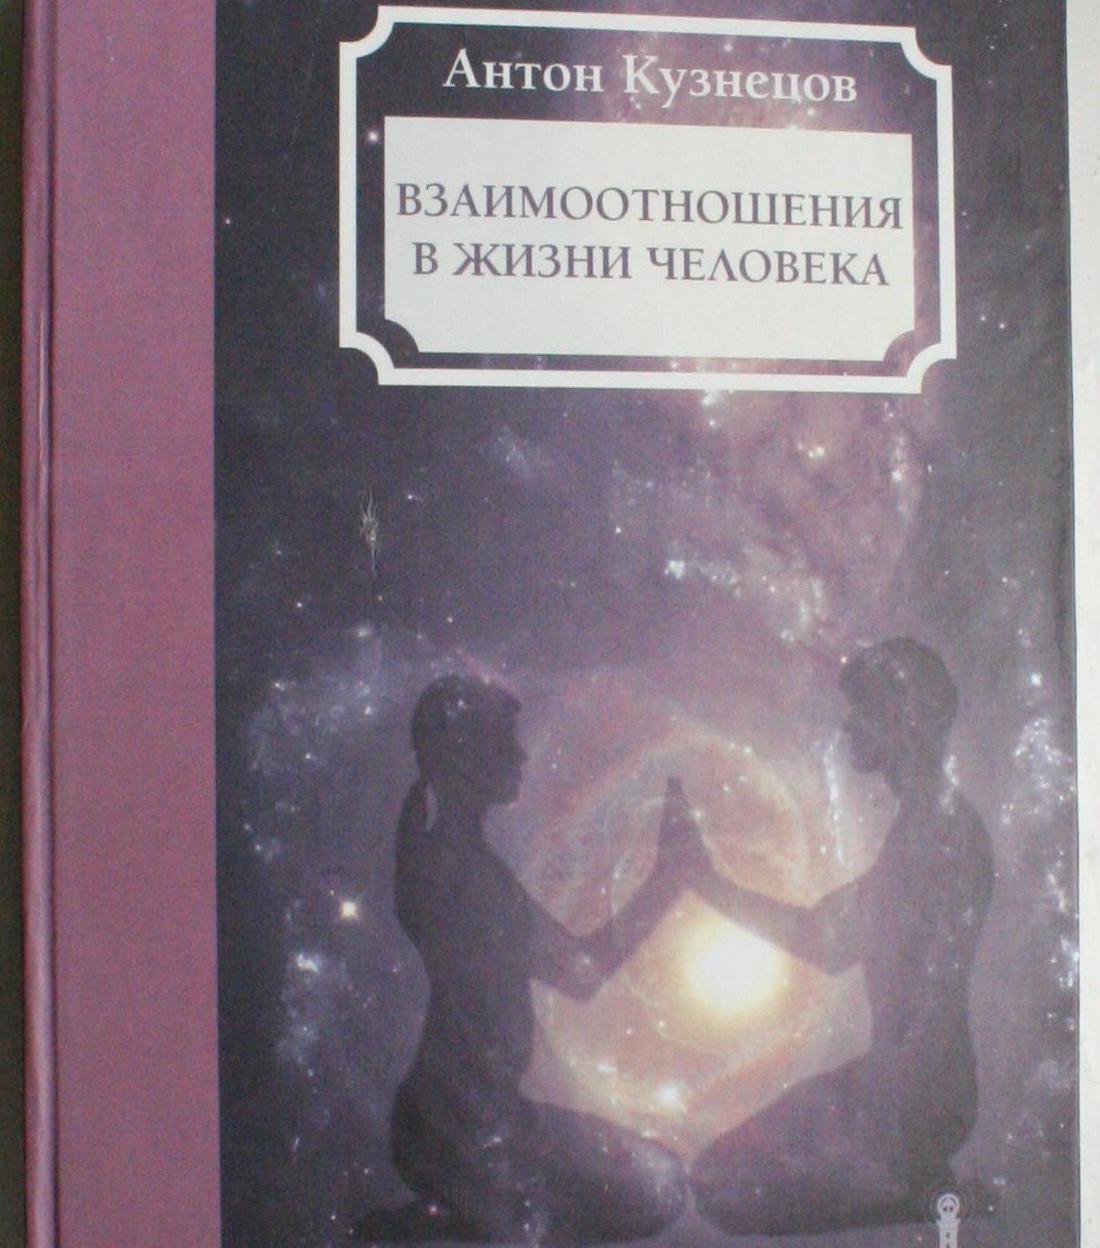 Антон Кузнецов, книга «Взаимоотношения в жизни человека»